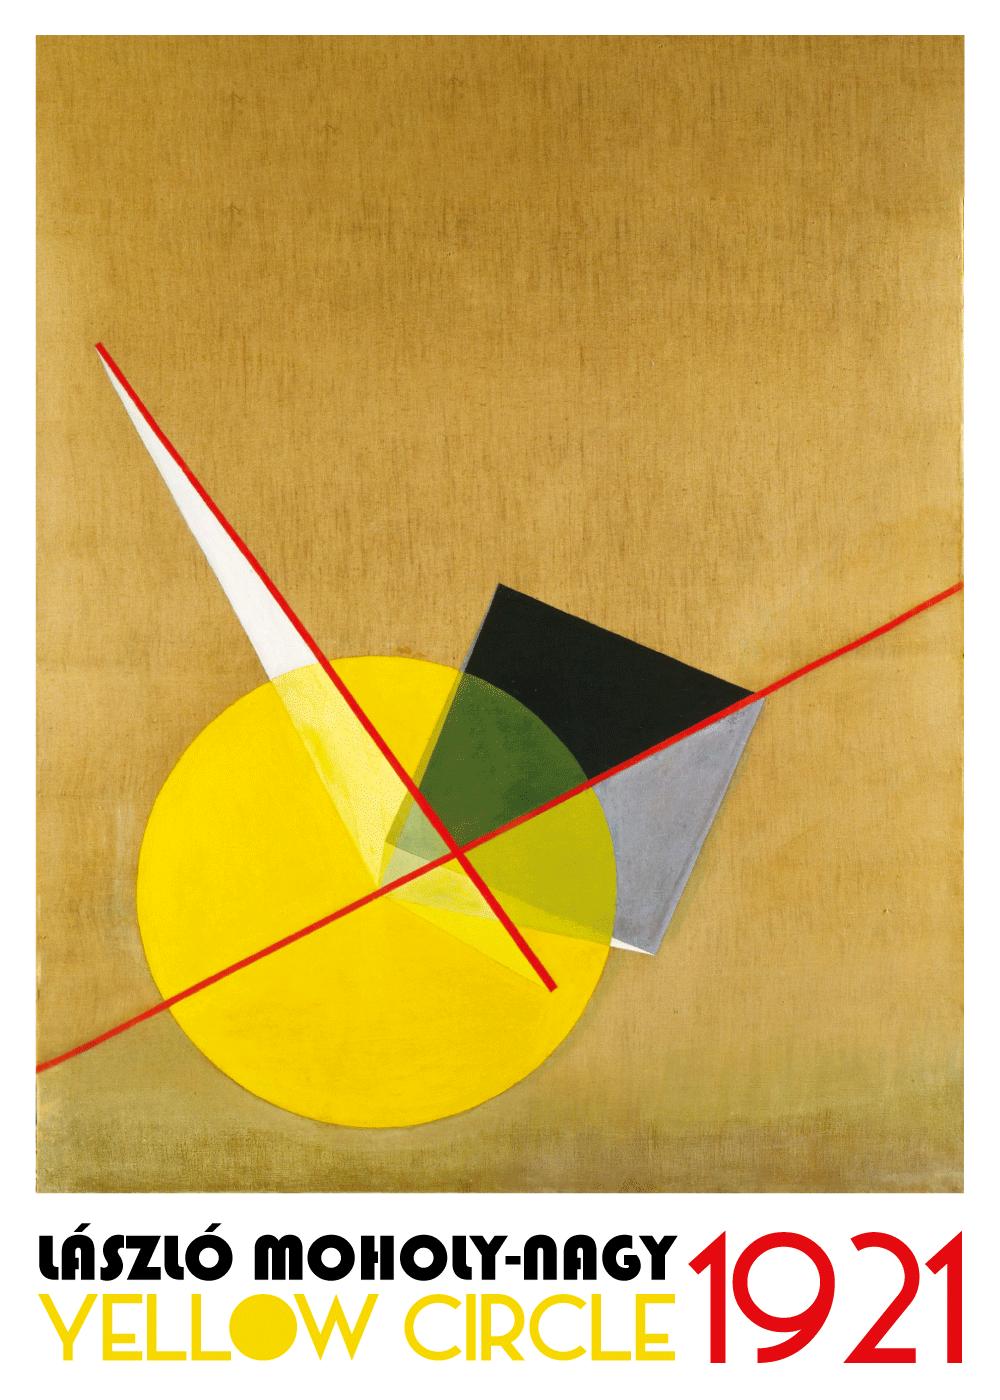 Billede af Yellow Circle Bauhaus - László Moholy-Nagy kunstplakat